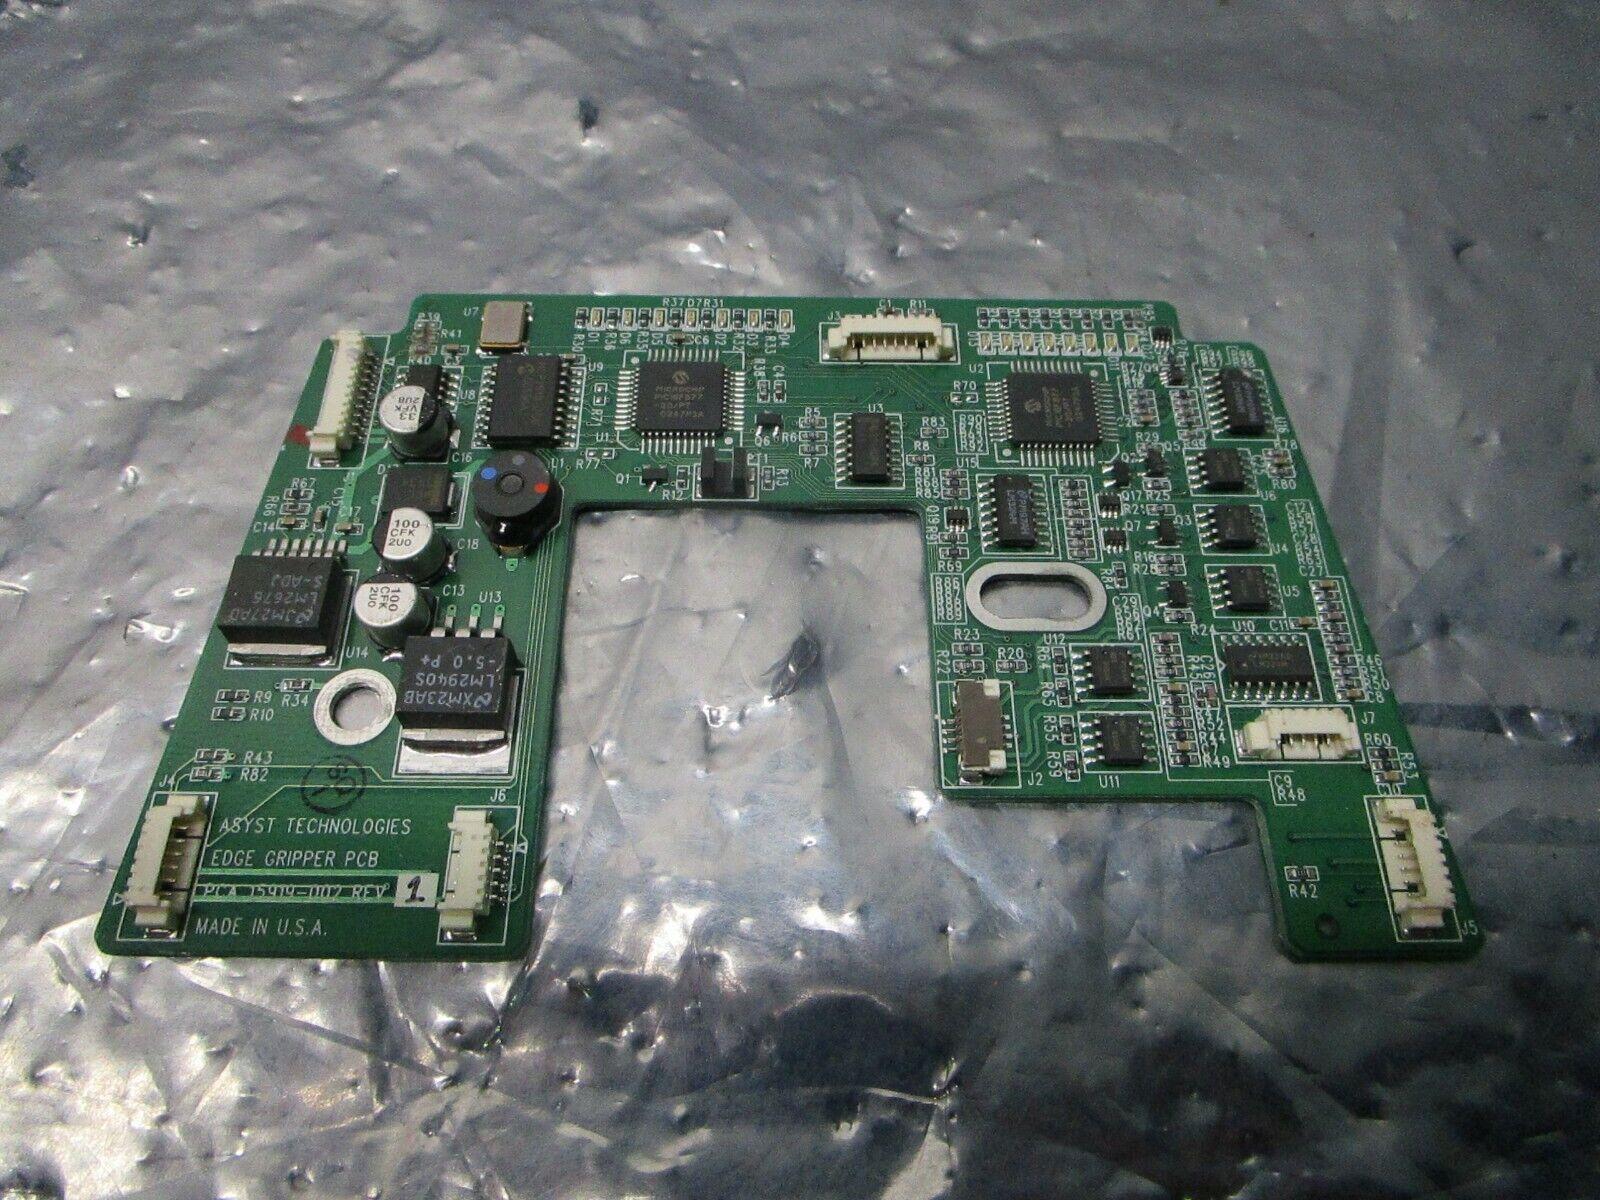 Asyst 15919-002 Edge Gripper PCB, FAB 15918-002, 101184